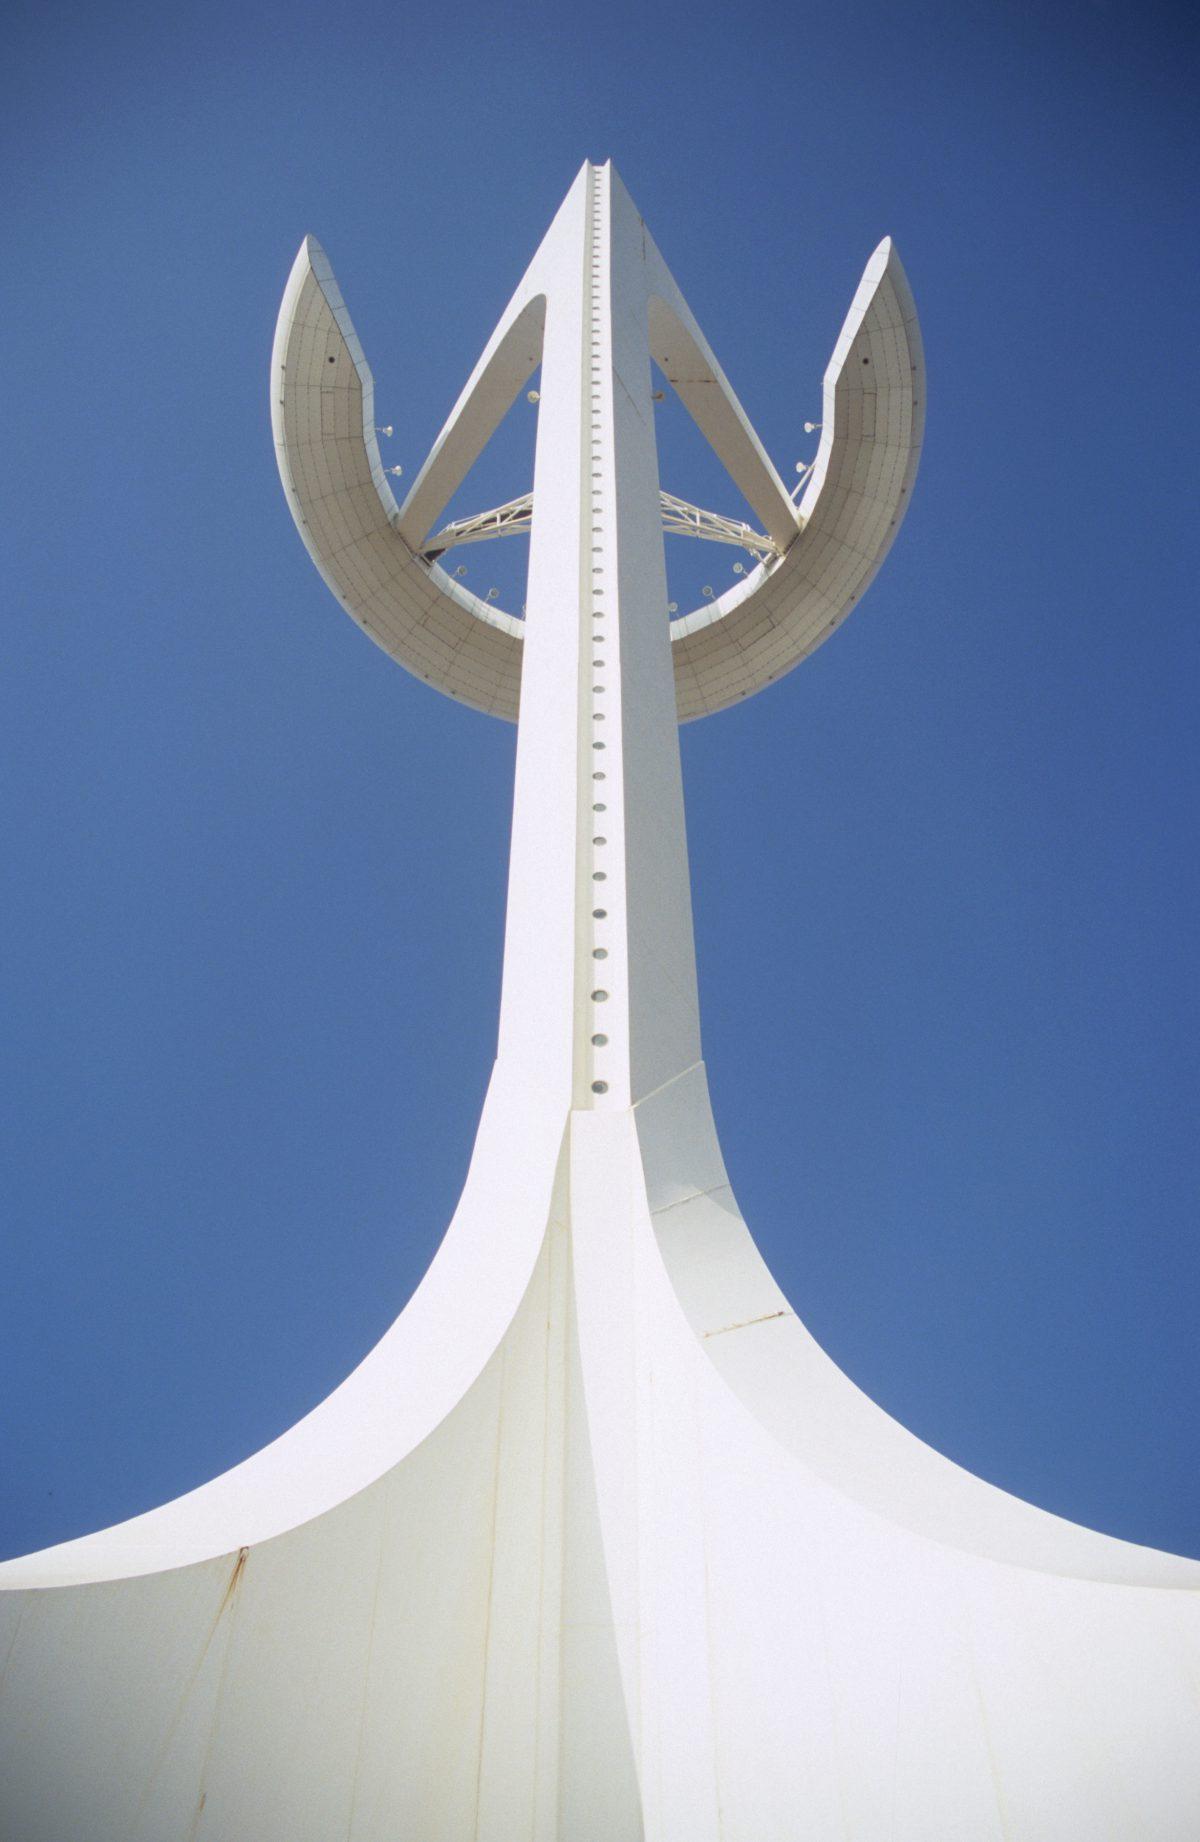 Olypmic park, antenna, sky